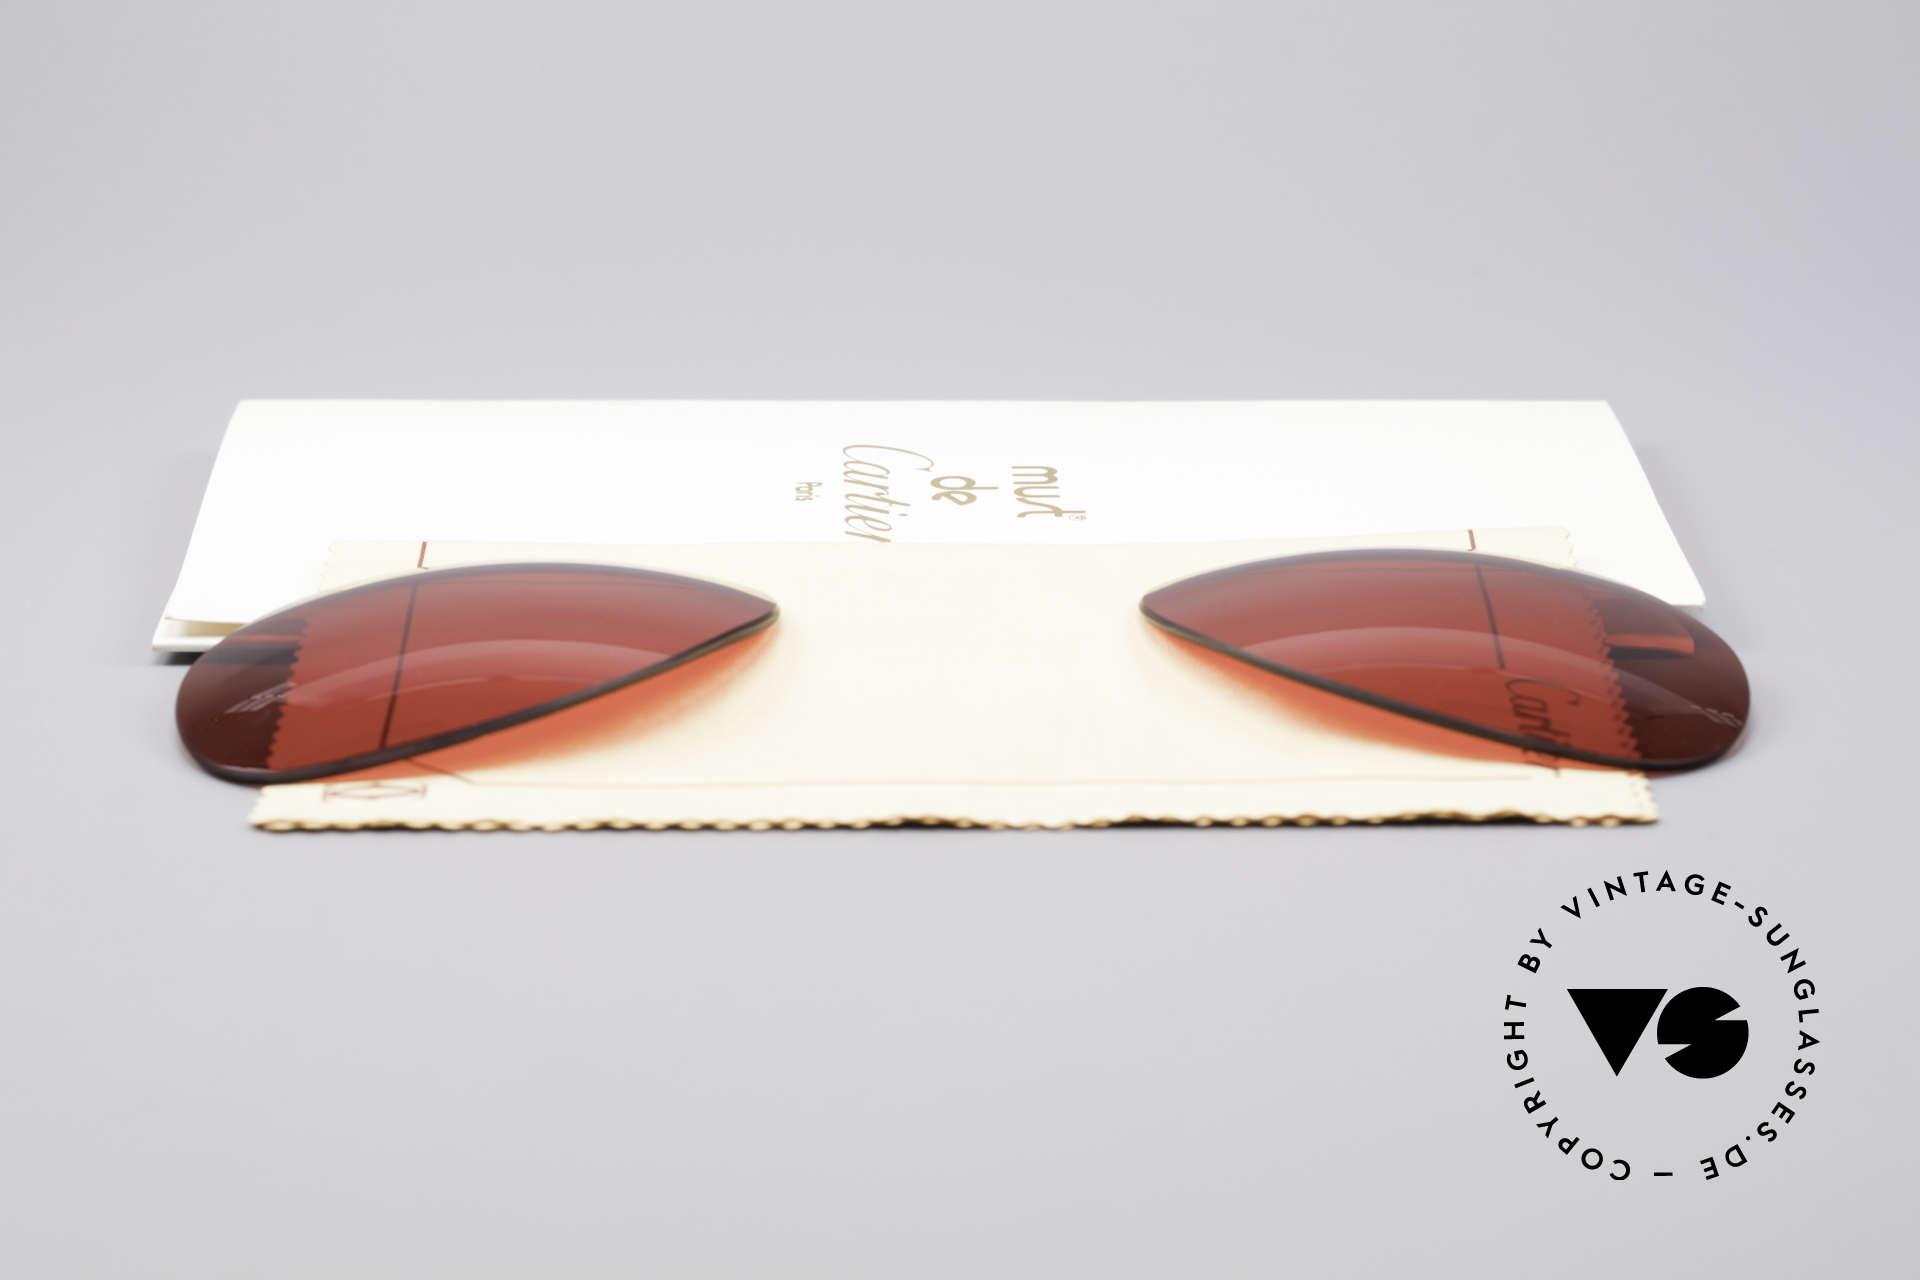 Cartier Vendome Lenses - L Sonnengläser 3D Rot, von unserem Optiker gefertigt: daher neu & kratzerfrei, Passend für Herren